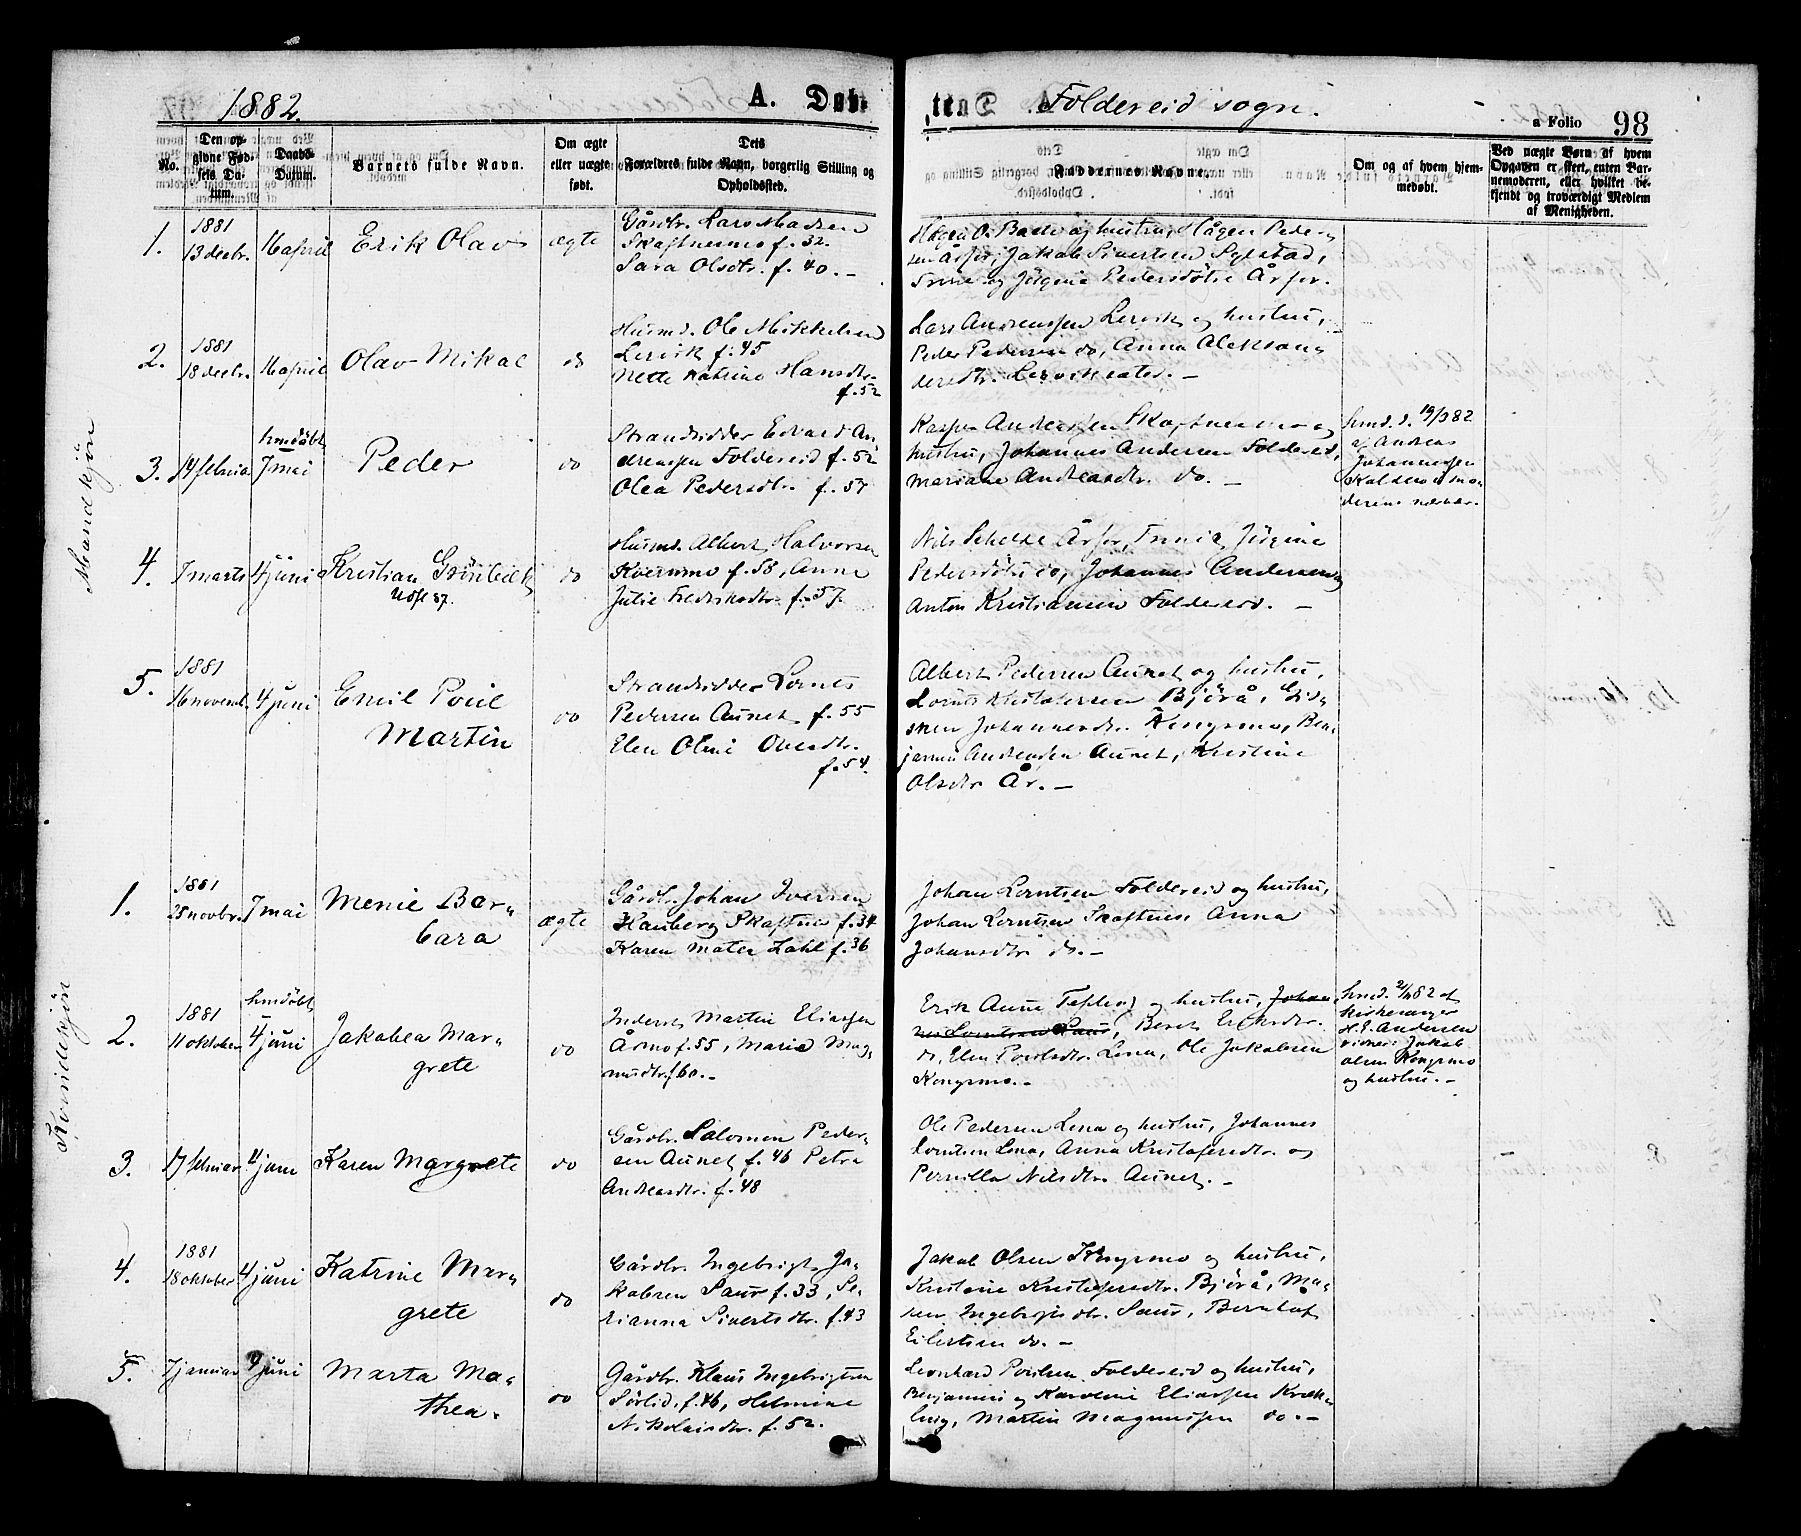 SAT, Ministerialprotokoller, klokkerbøker og fødselsregistre - Nord-Trøndelag, 780/L0642: Ministerialbok nr. 780A07 /2, 1878-1885, s. 98